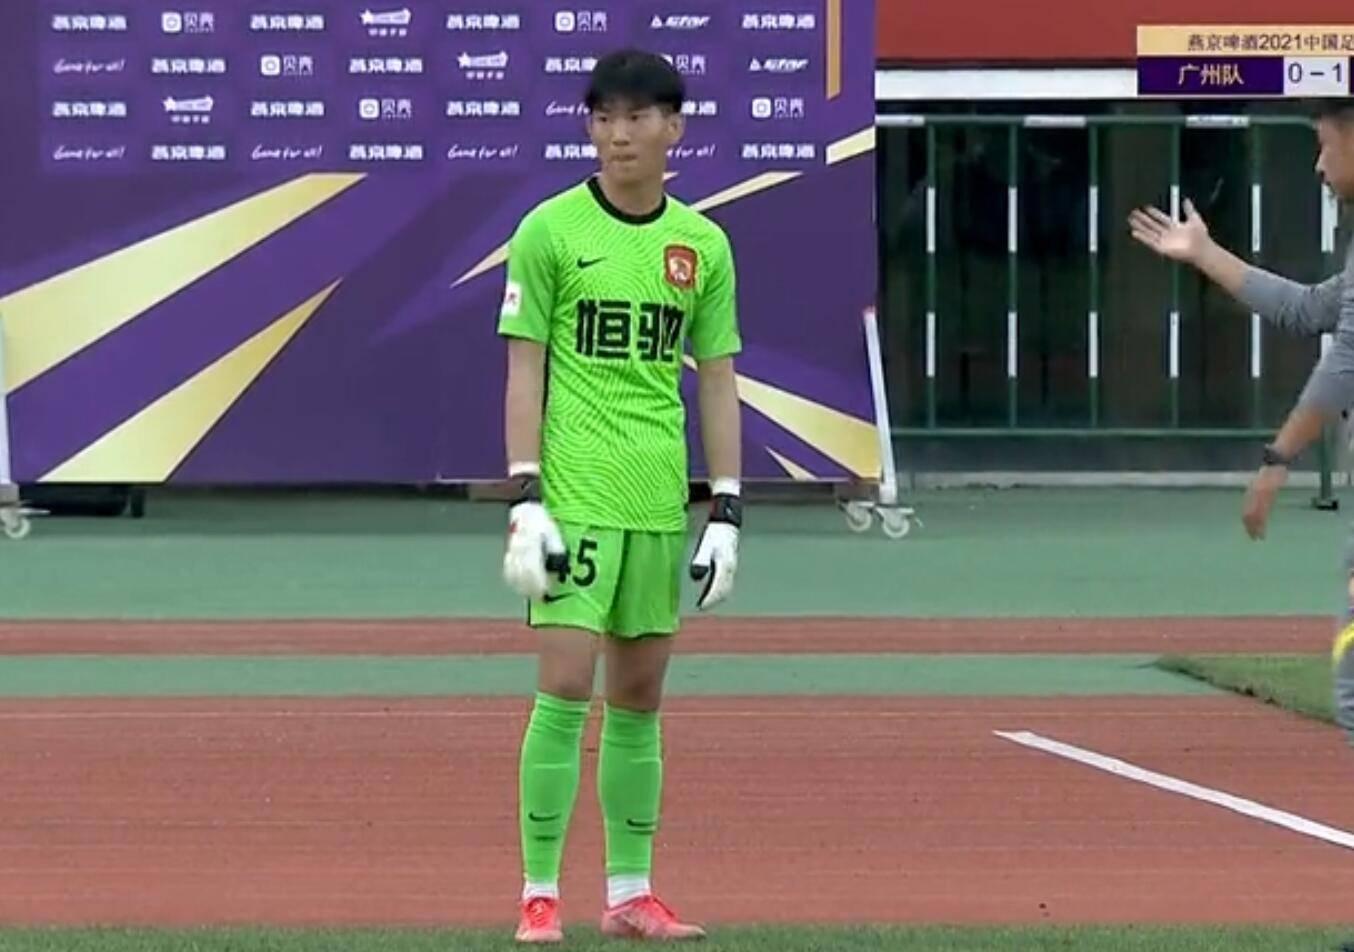 广州队神奇换人门将踢中锋 亚冠惨败后再被中乙队淘汰